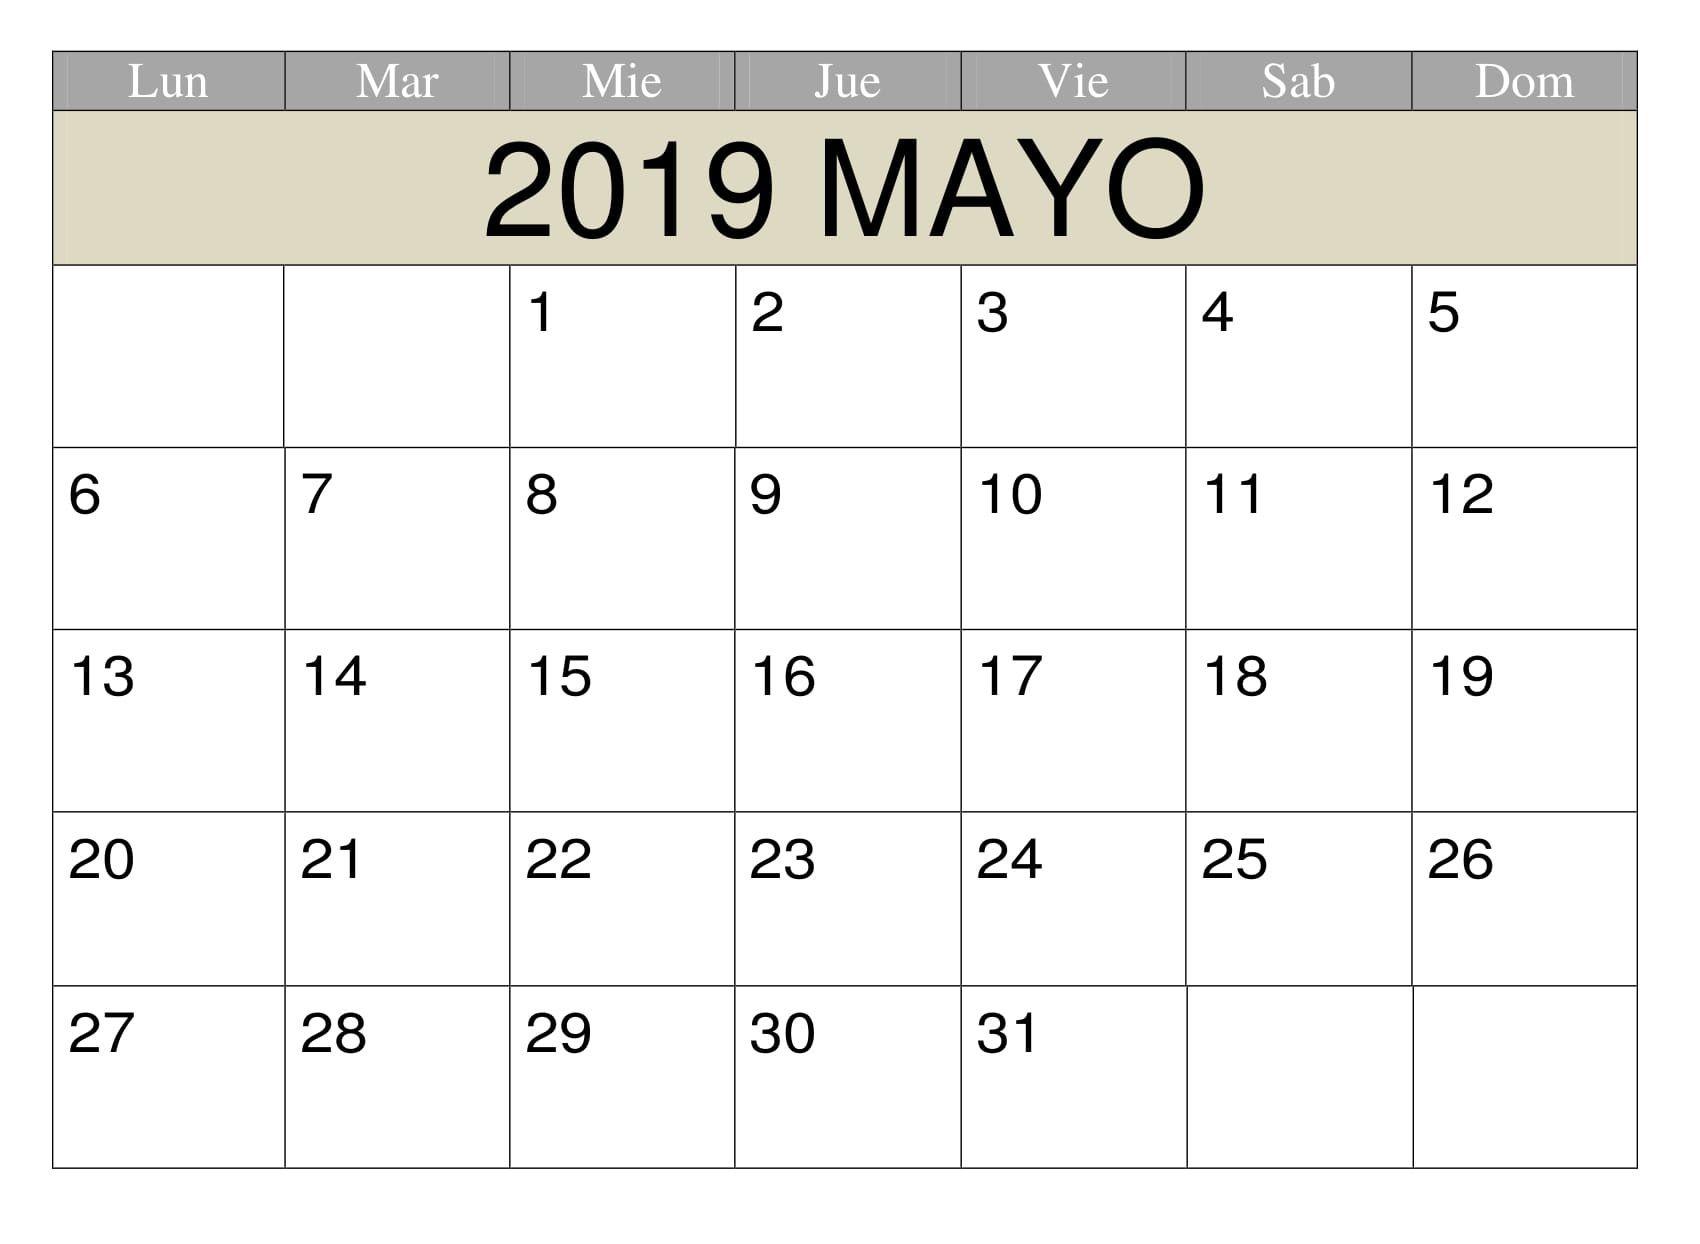 Calendario Word 2019.Mayo 2019 Para Imprimir Estilos Calendario 200 May 2019 Printable